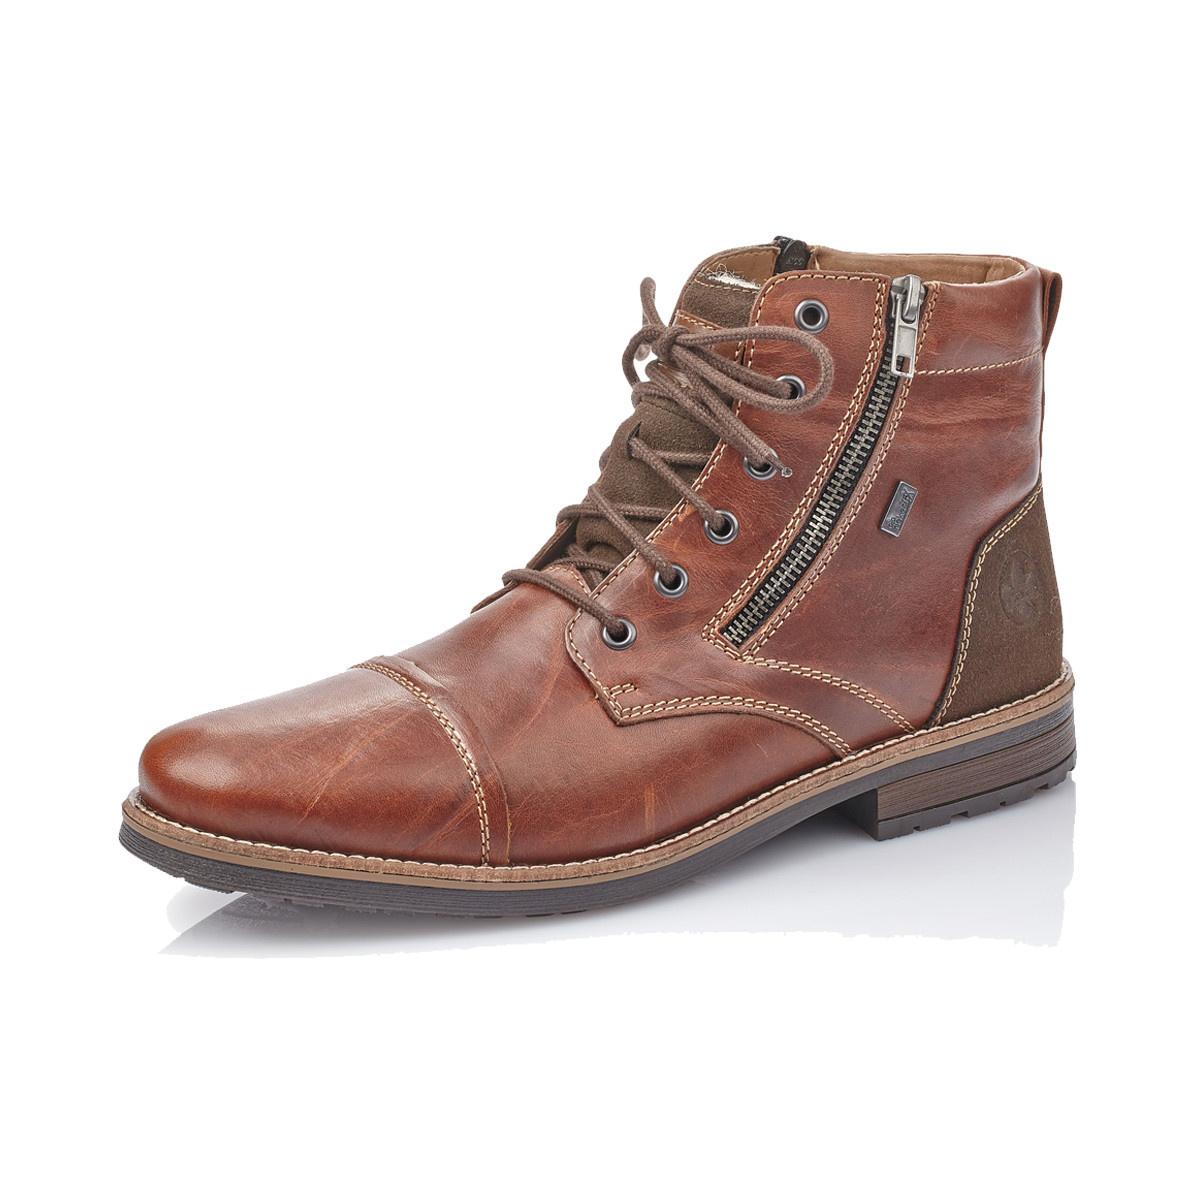 Rieker Rieker Men's 33200-Brown